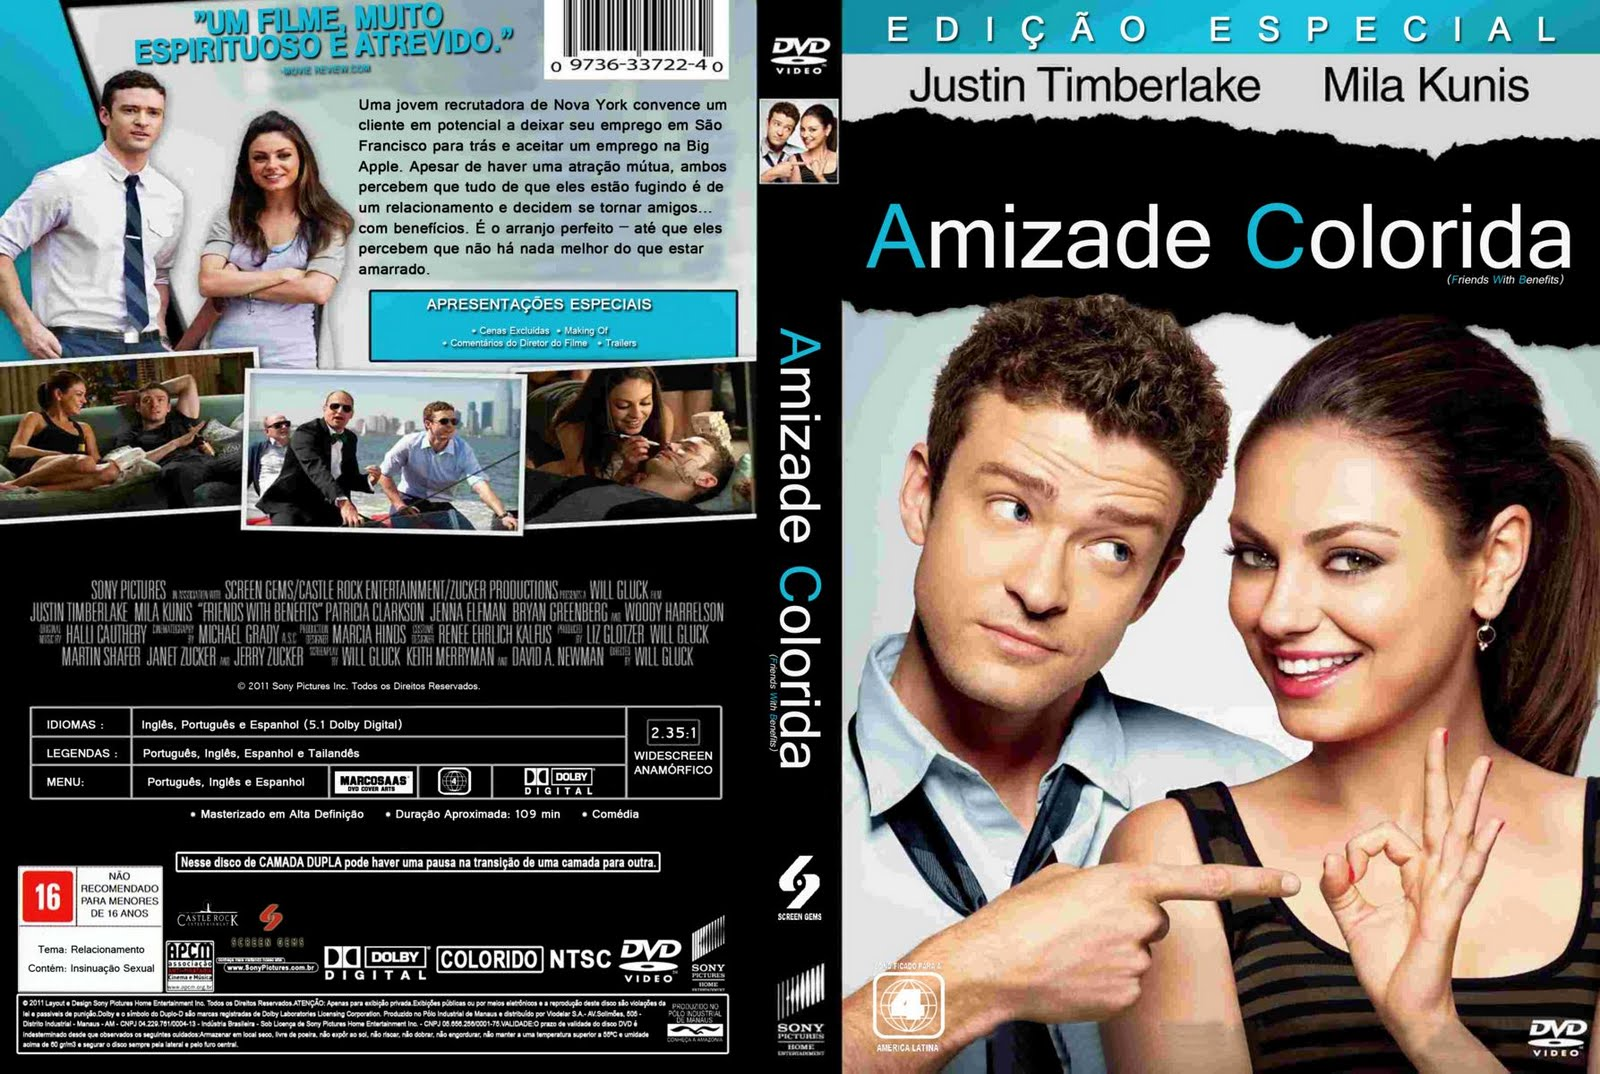 AMIZADE DUBLADO GRATIS AVI COLORIDA BAIXAR FILME